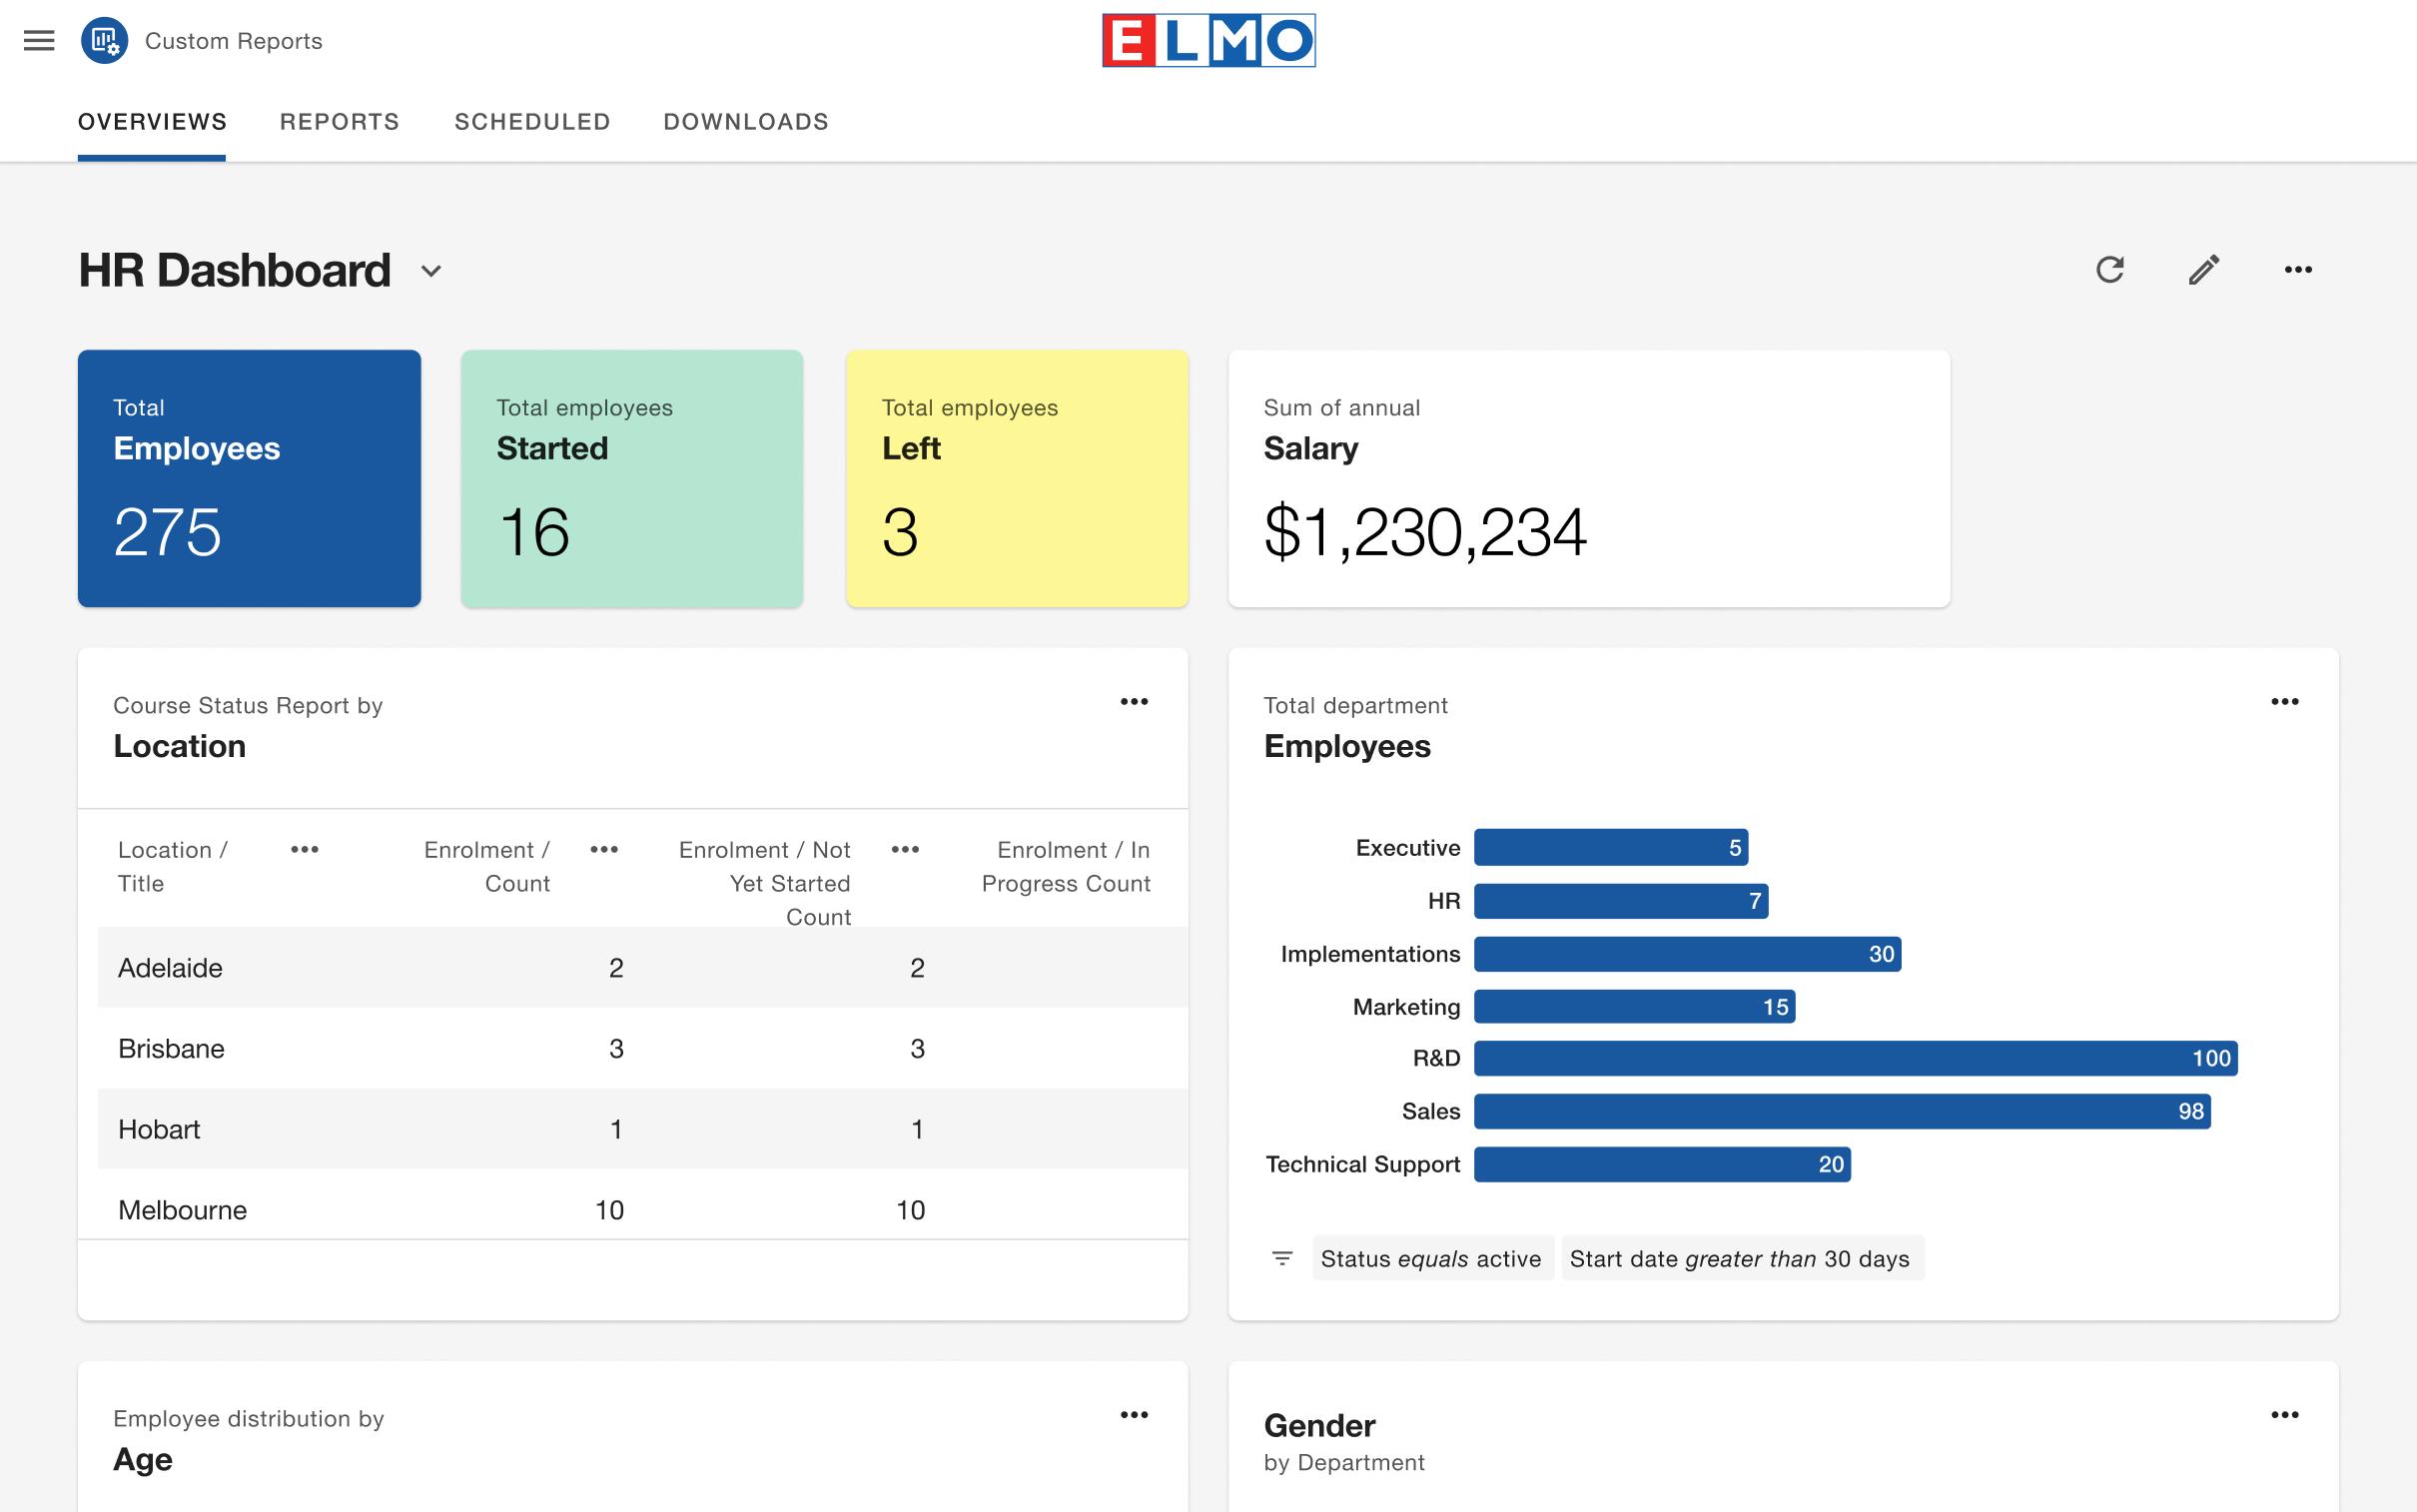 elmo-custom-reporting-tool-overviews